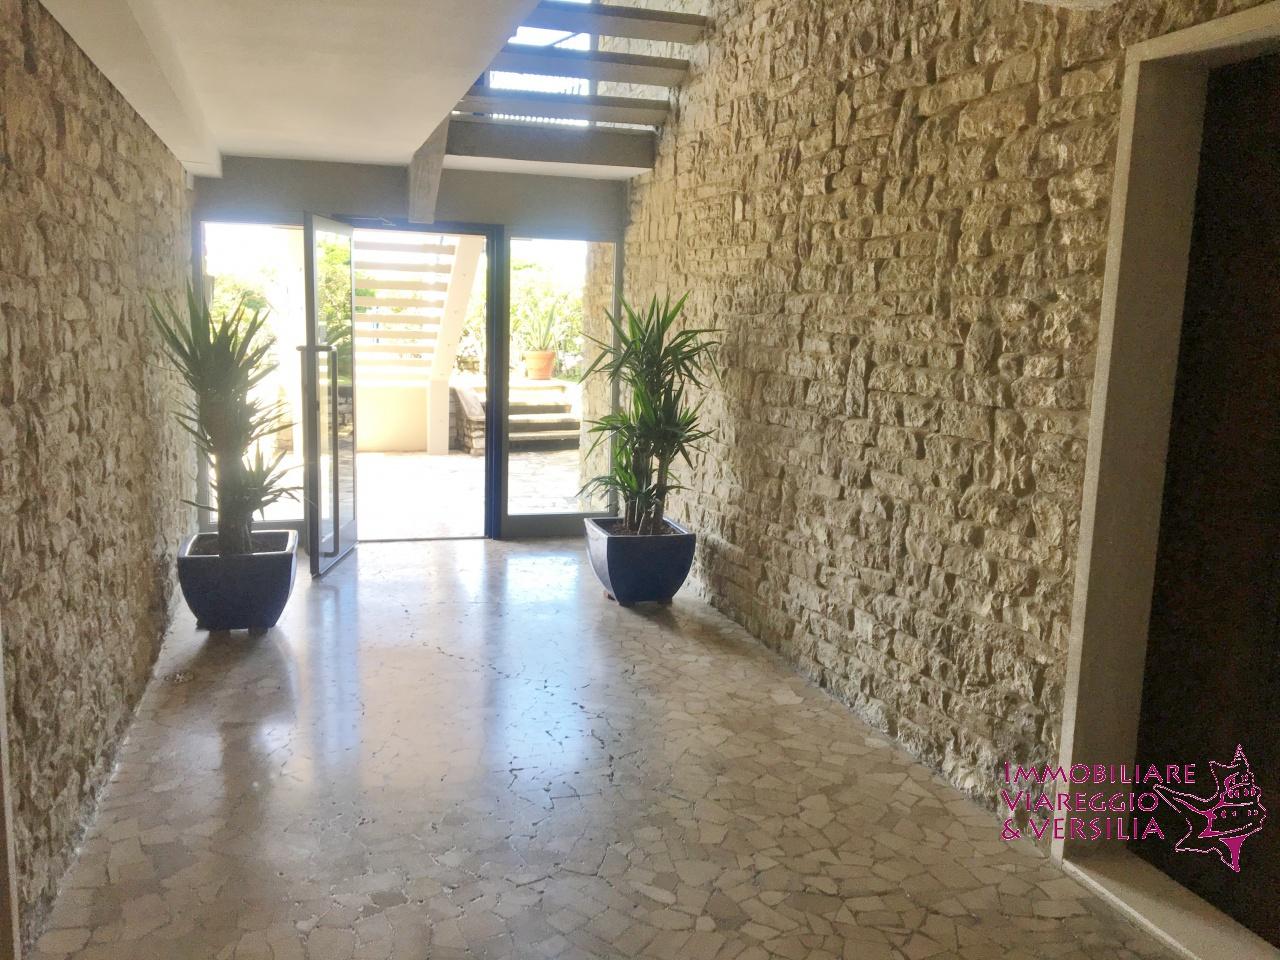 appartamento vendita viareggio citta' giardino